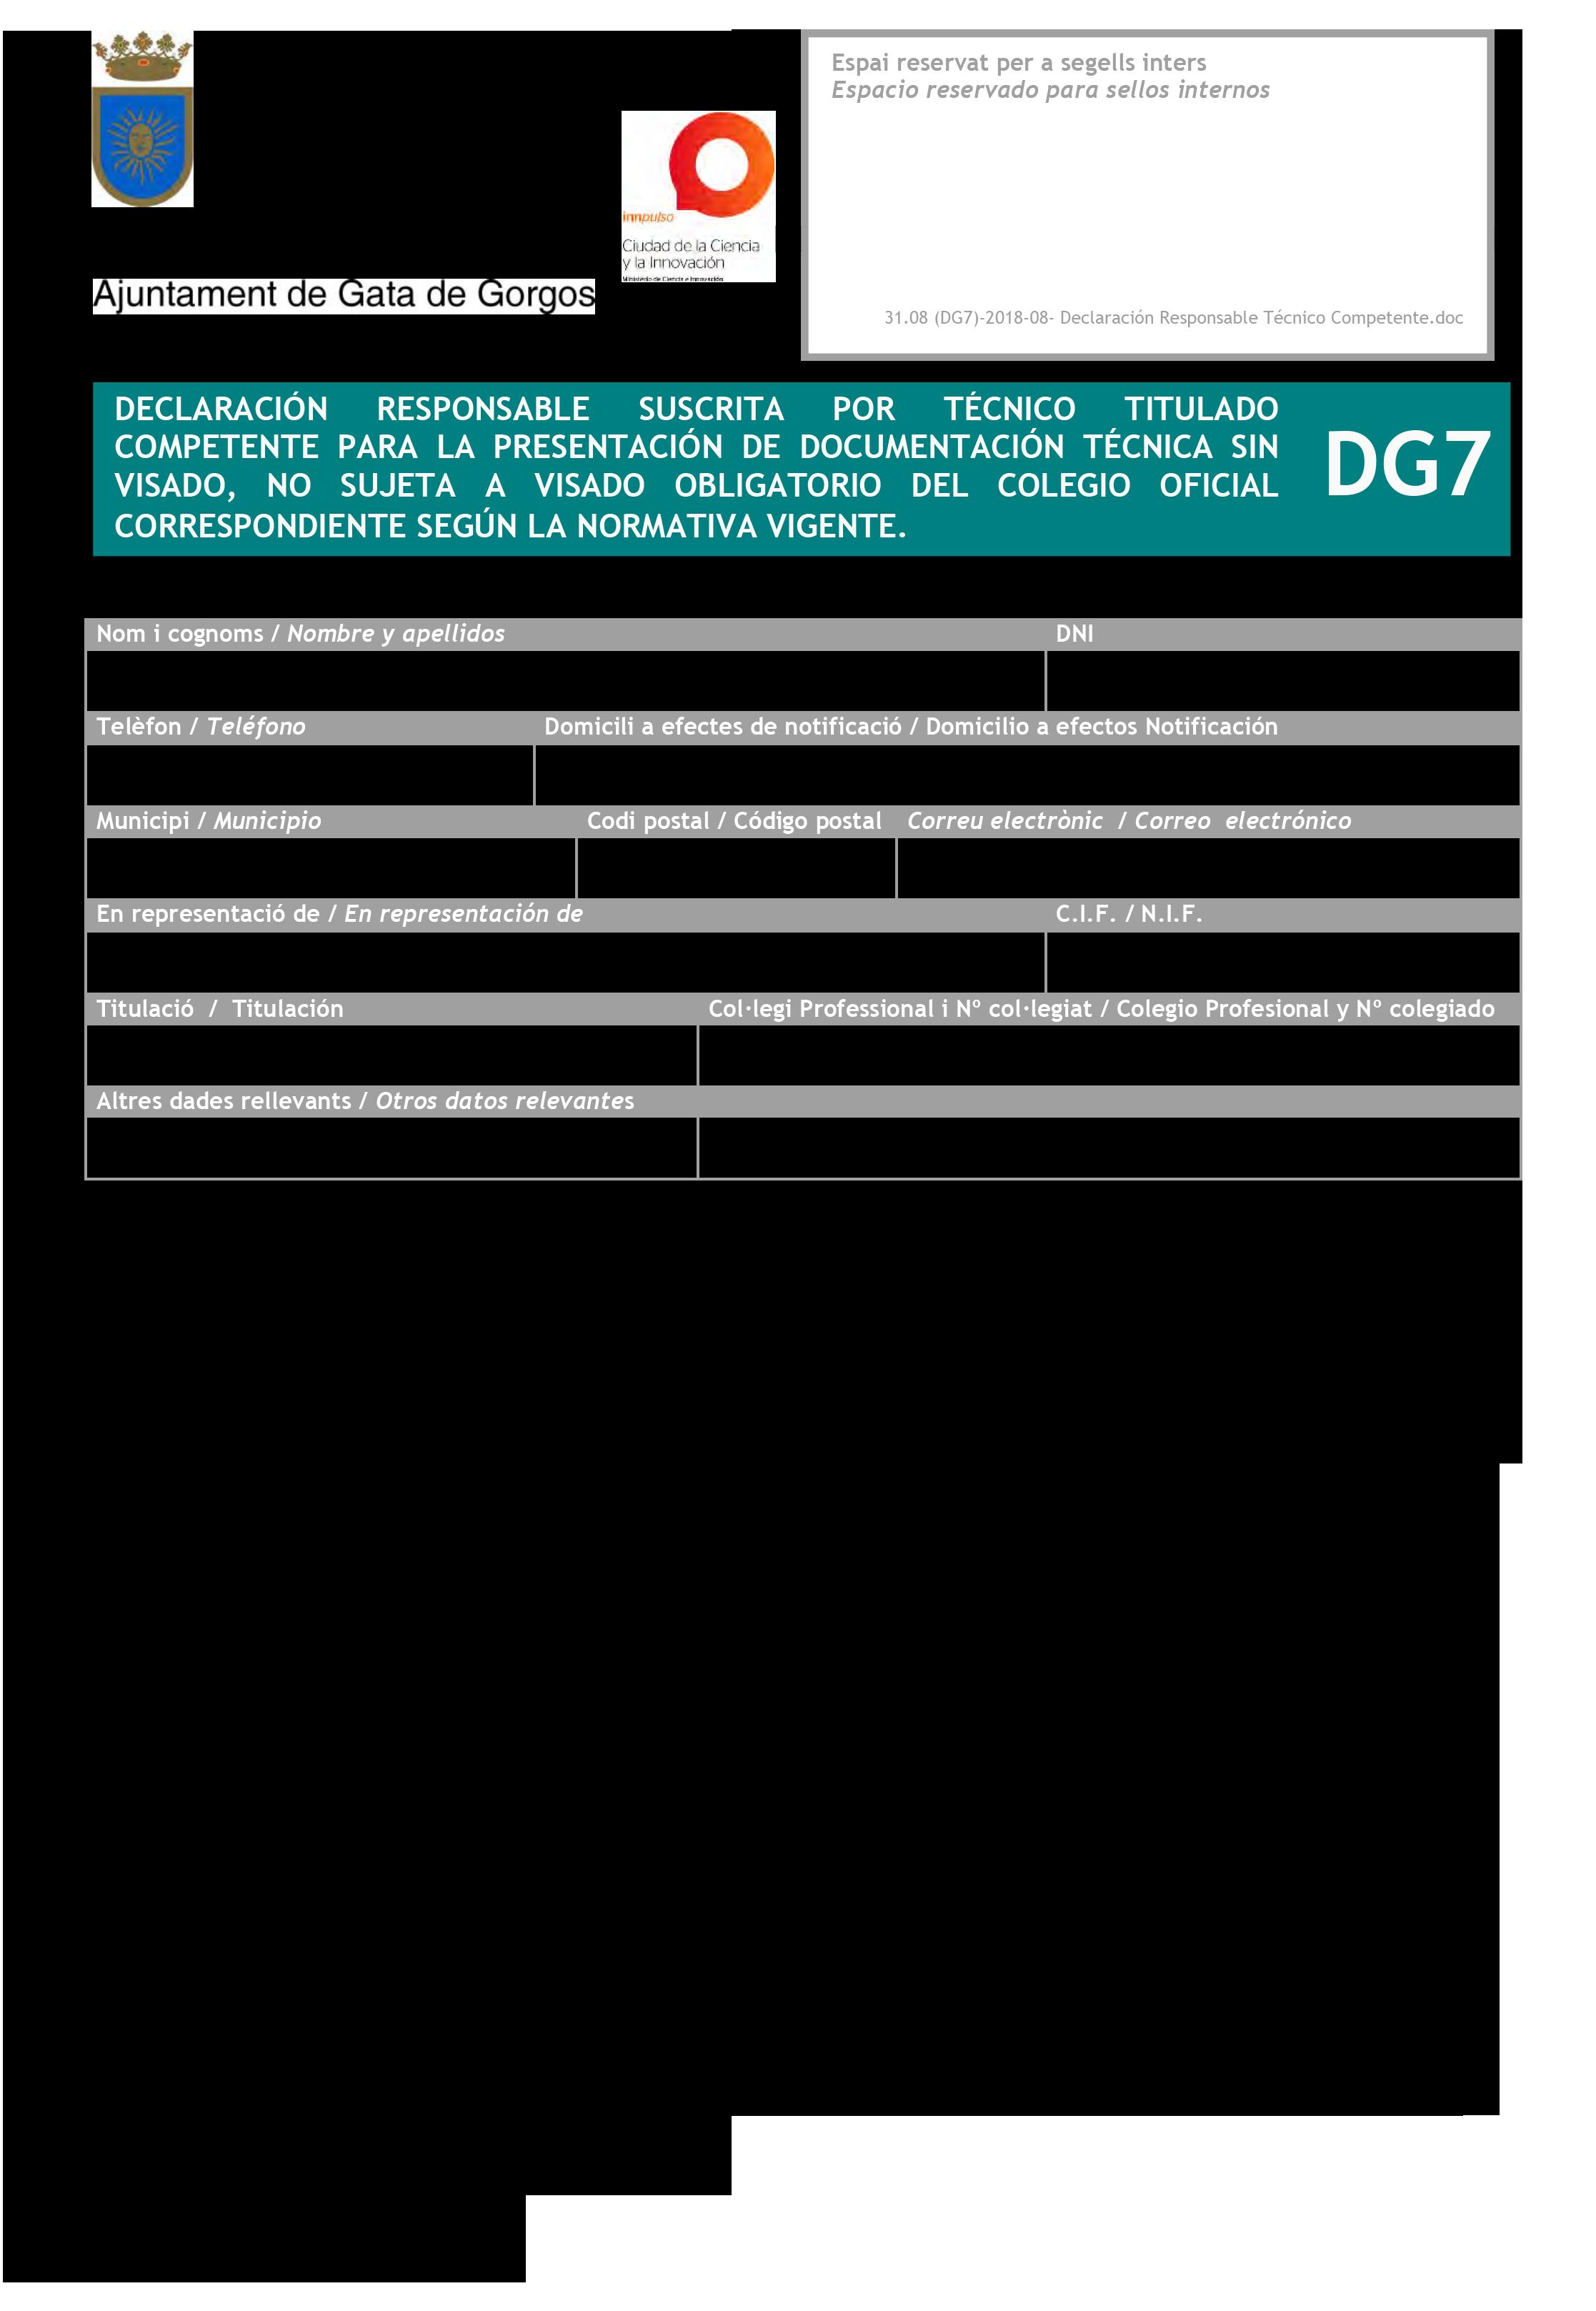 Impreso Declaración Responsable Segunda Ocupación - Gata de Gorgos 6